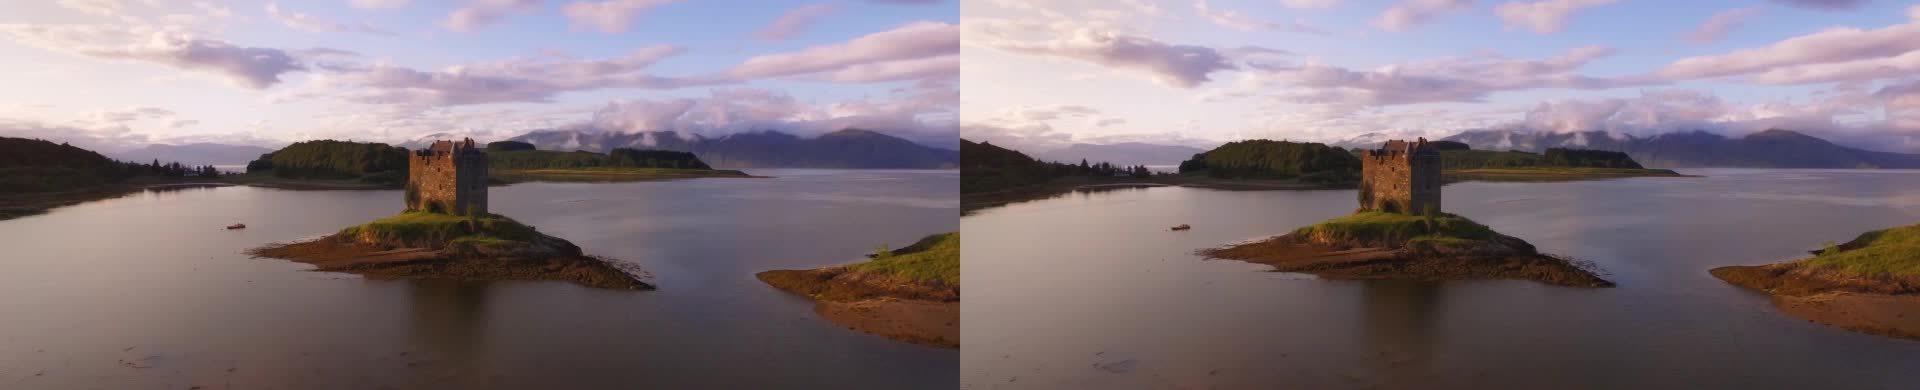 crossview, scotland, Wild Scotland (Crossview Conversion) 3 GIFs